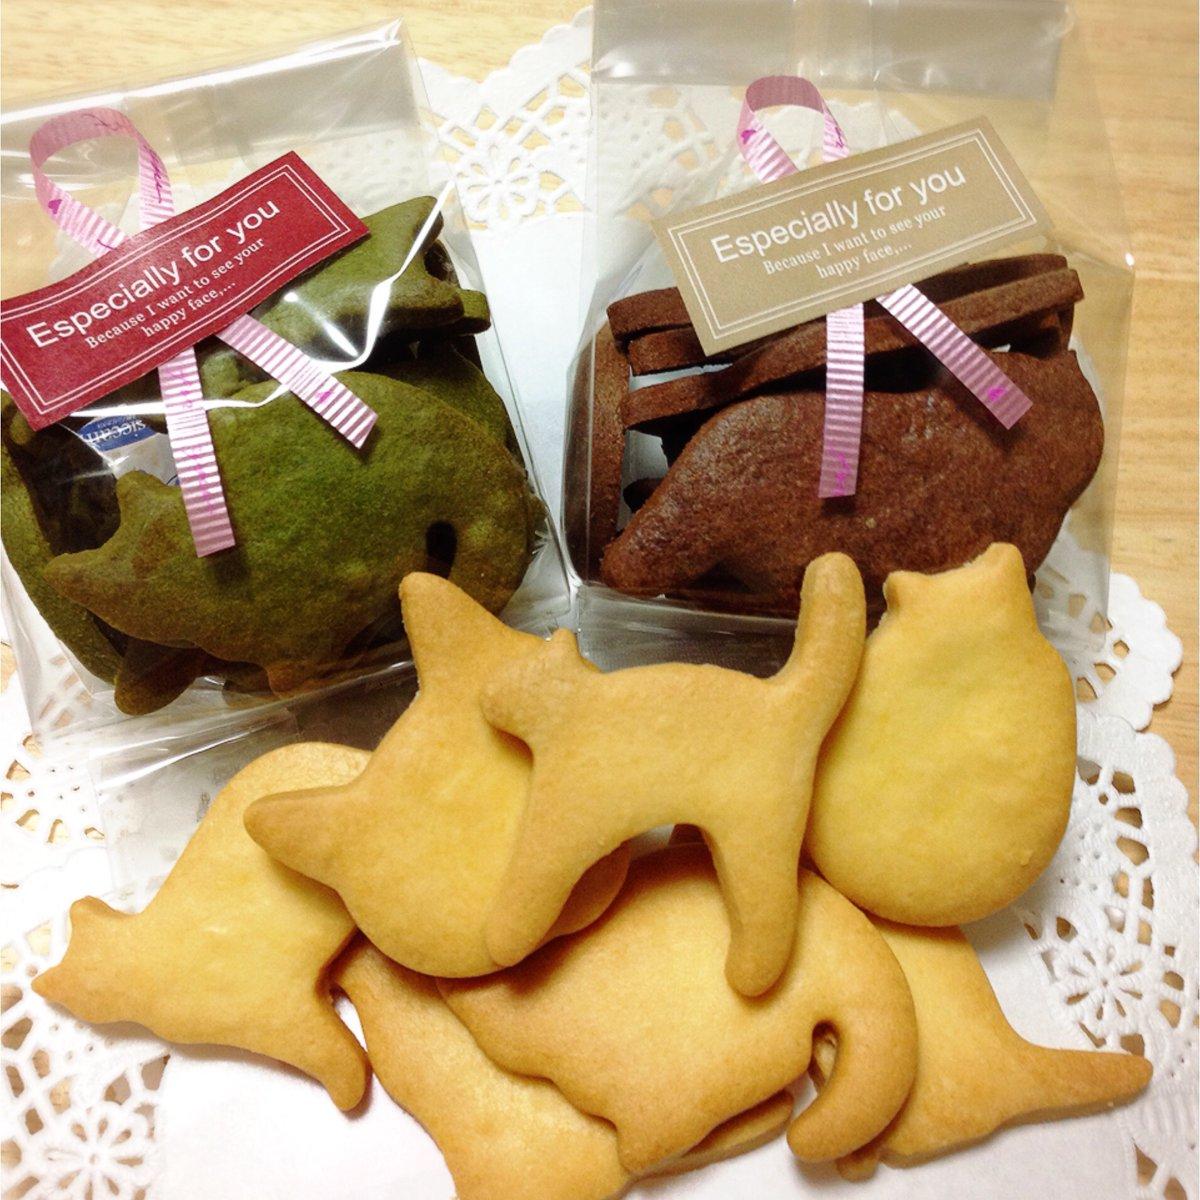 test ツイッターメディア - @yashi09 お力お借りします!  【お菓子屋ニャンライズ】 猫の形のクッキーやフィナンシェなどの焼き菓子を製造販売しています。  出店予定だったイベントが次々中止になりました…。 https://t.co/76tj2YS7SU ネット通販もしています! よろしくお願い致します。 https://t.co/fK5cKEARiI